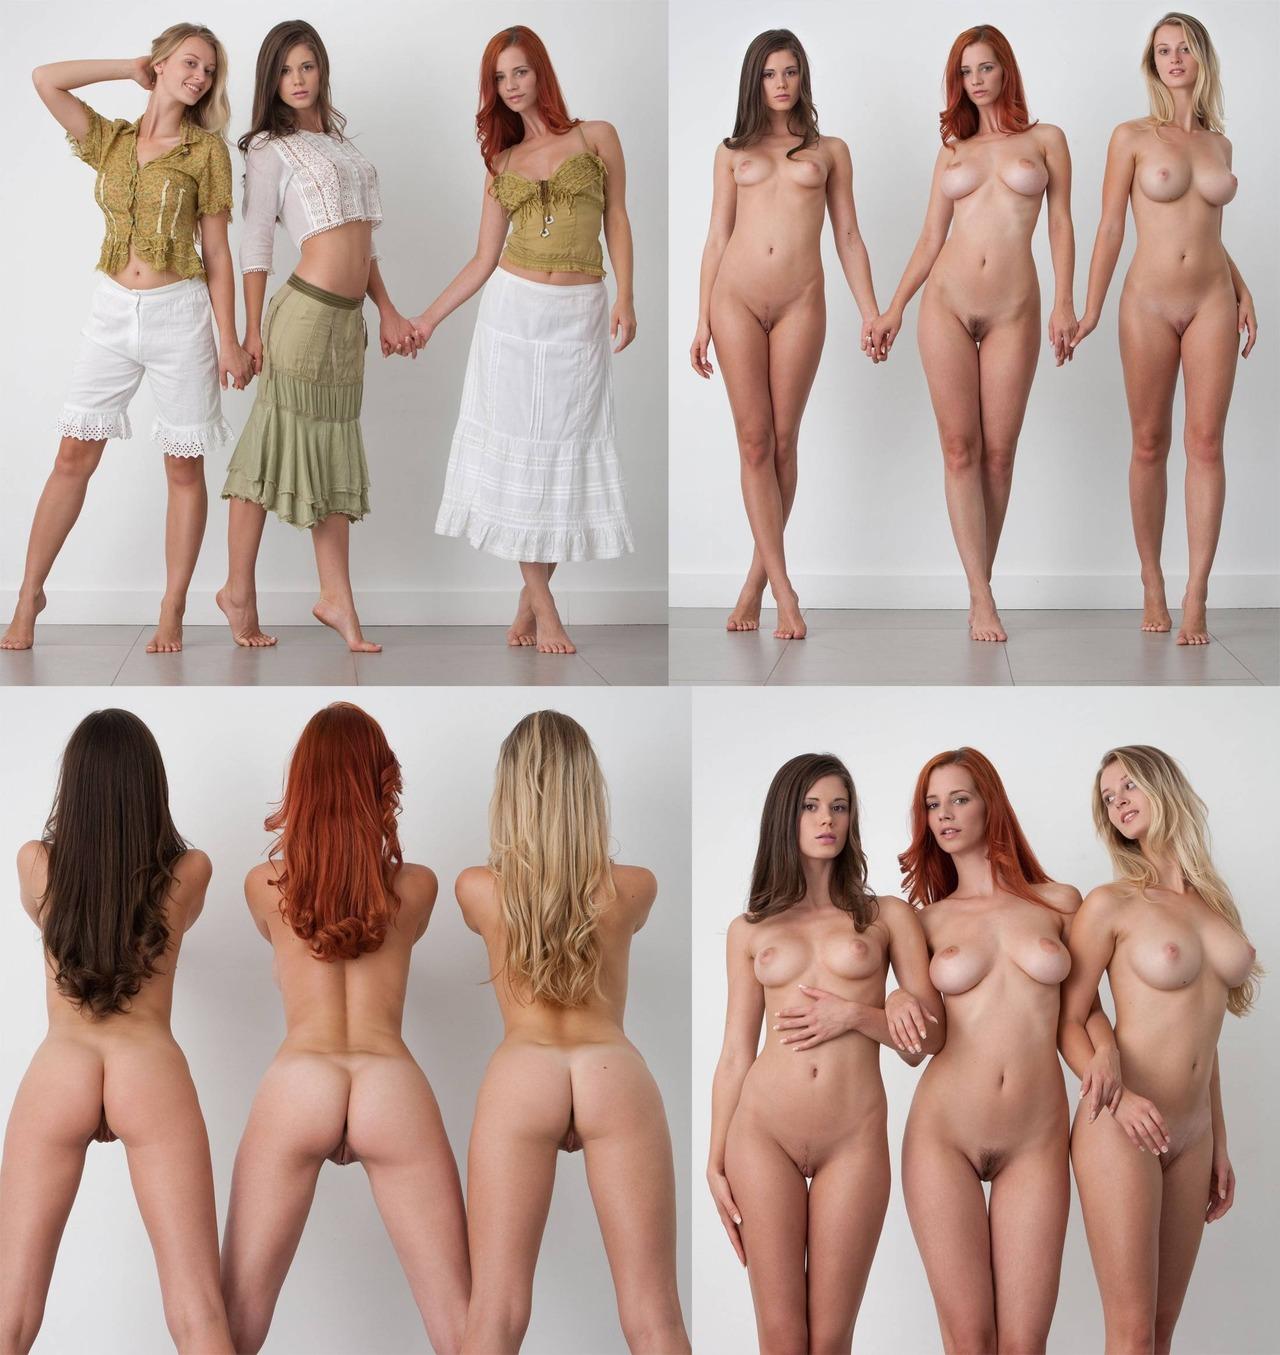 качественное видео девушек без одежды